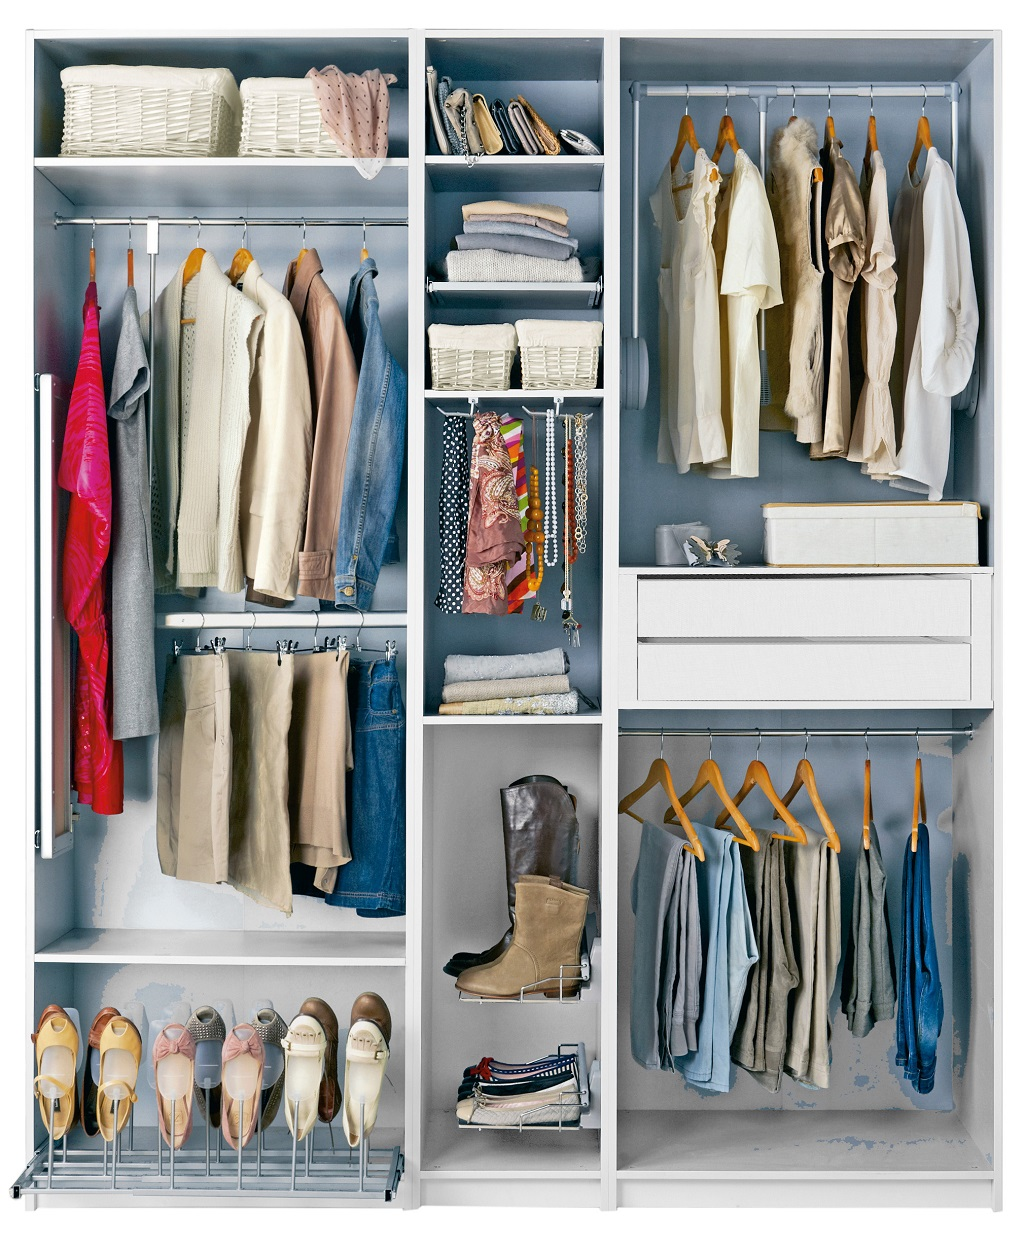 Leroy merlin colecci n de armarios 2015 for Armarios sin puertas leroy merlin